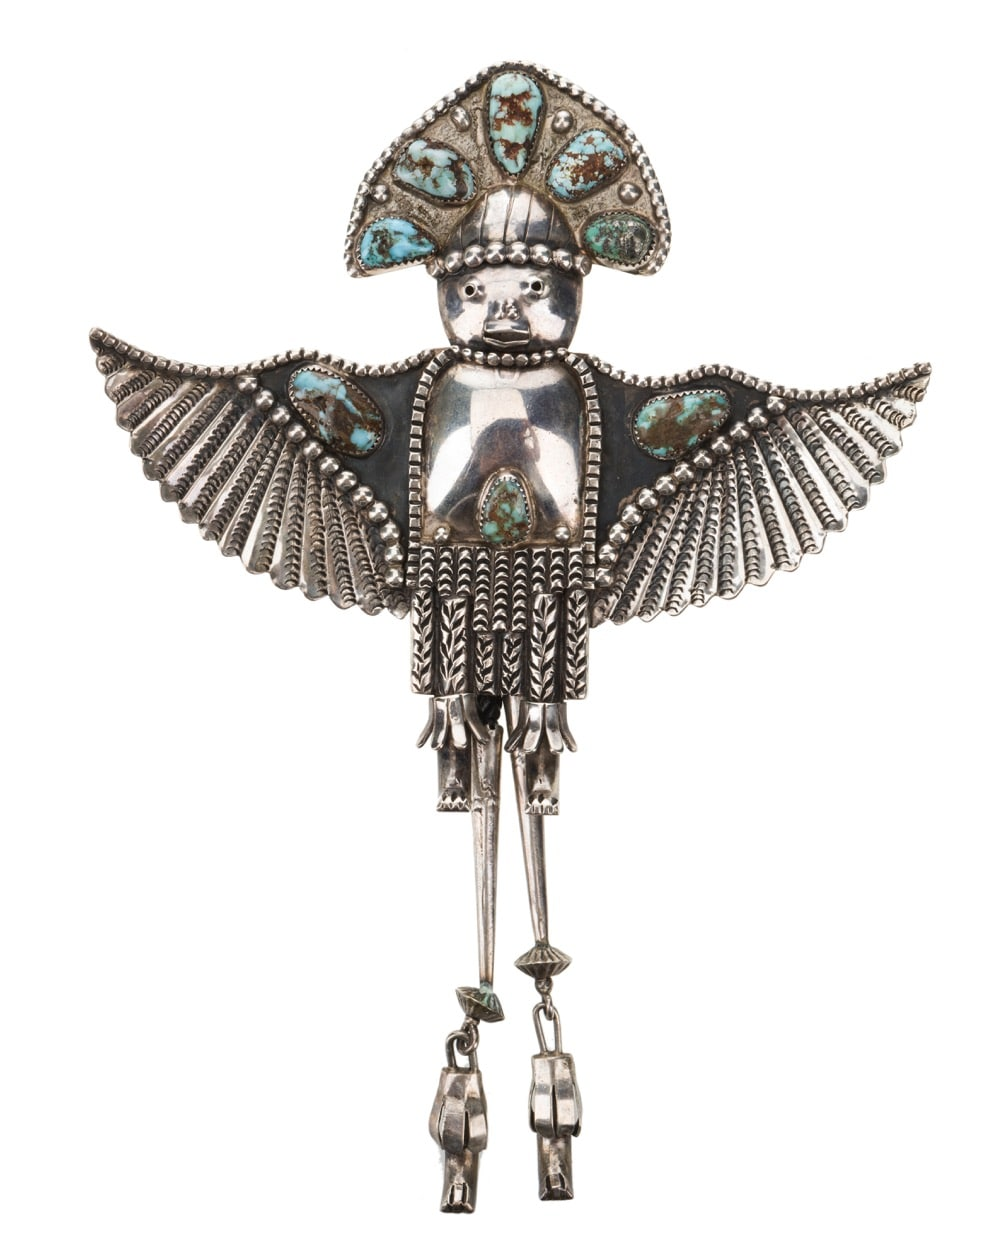 A Navajo eagle dancer bolo